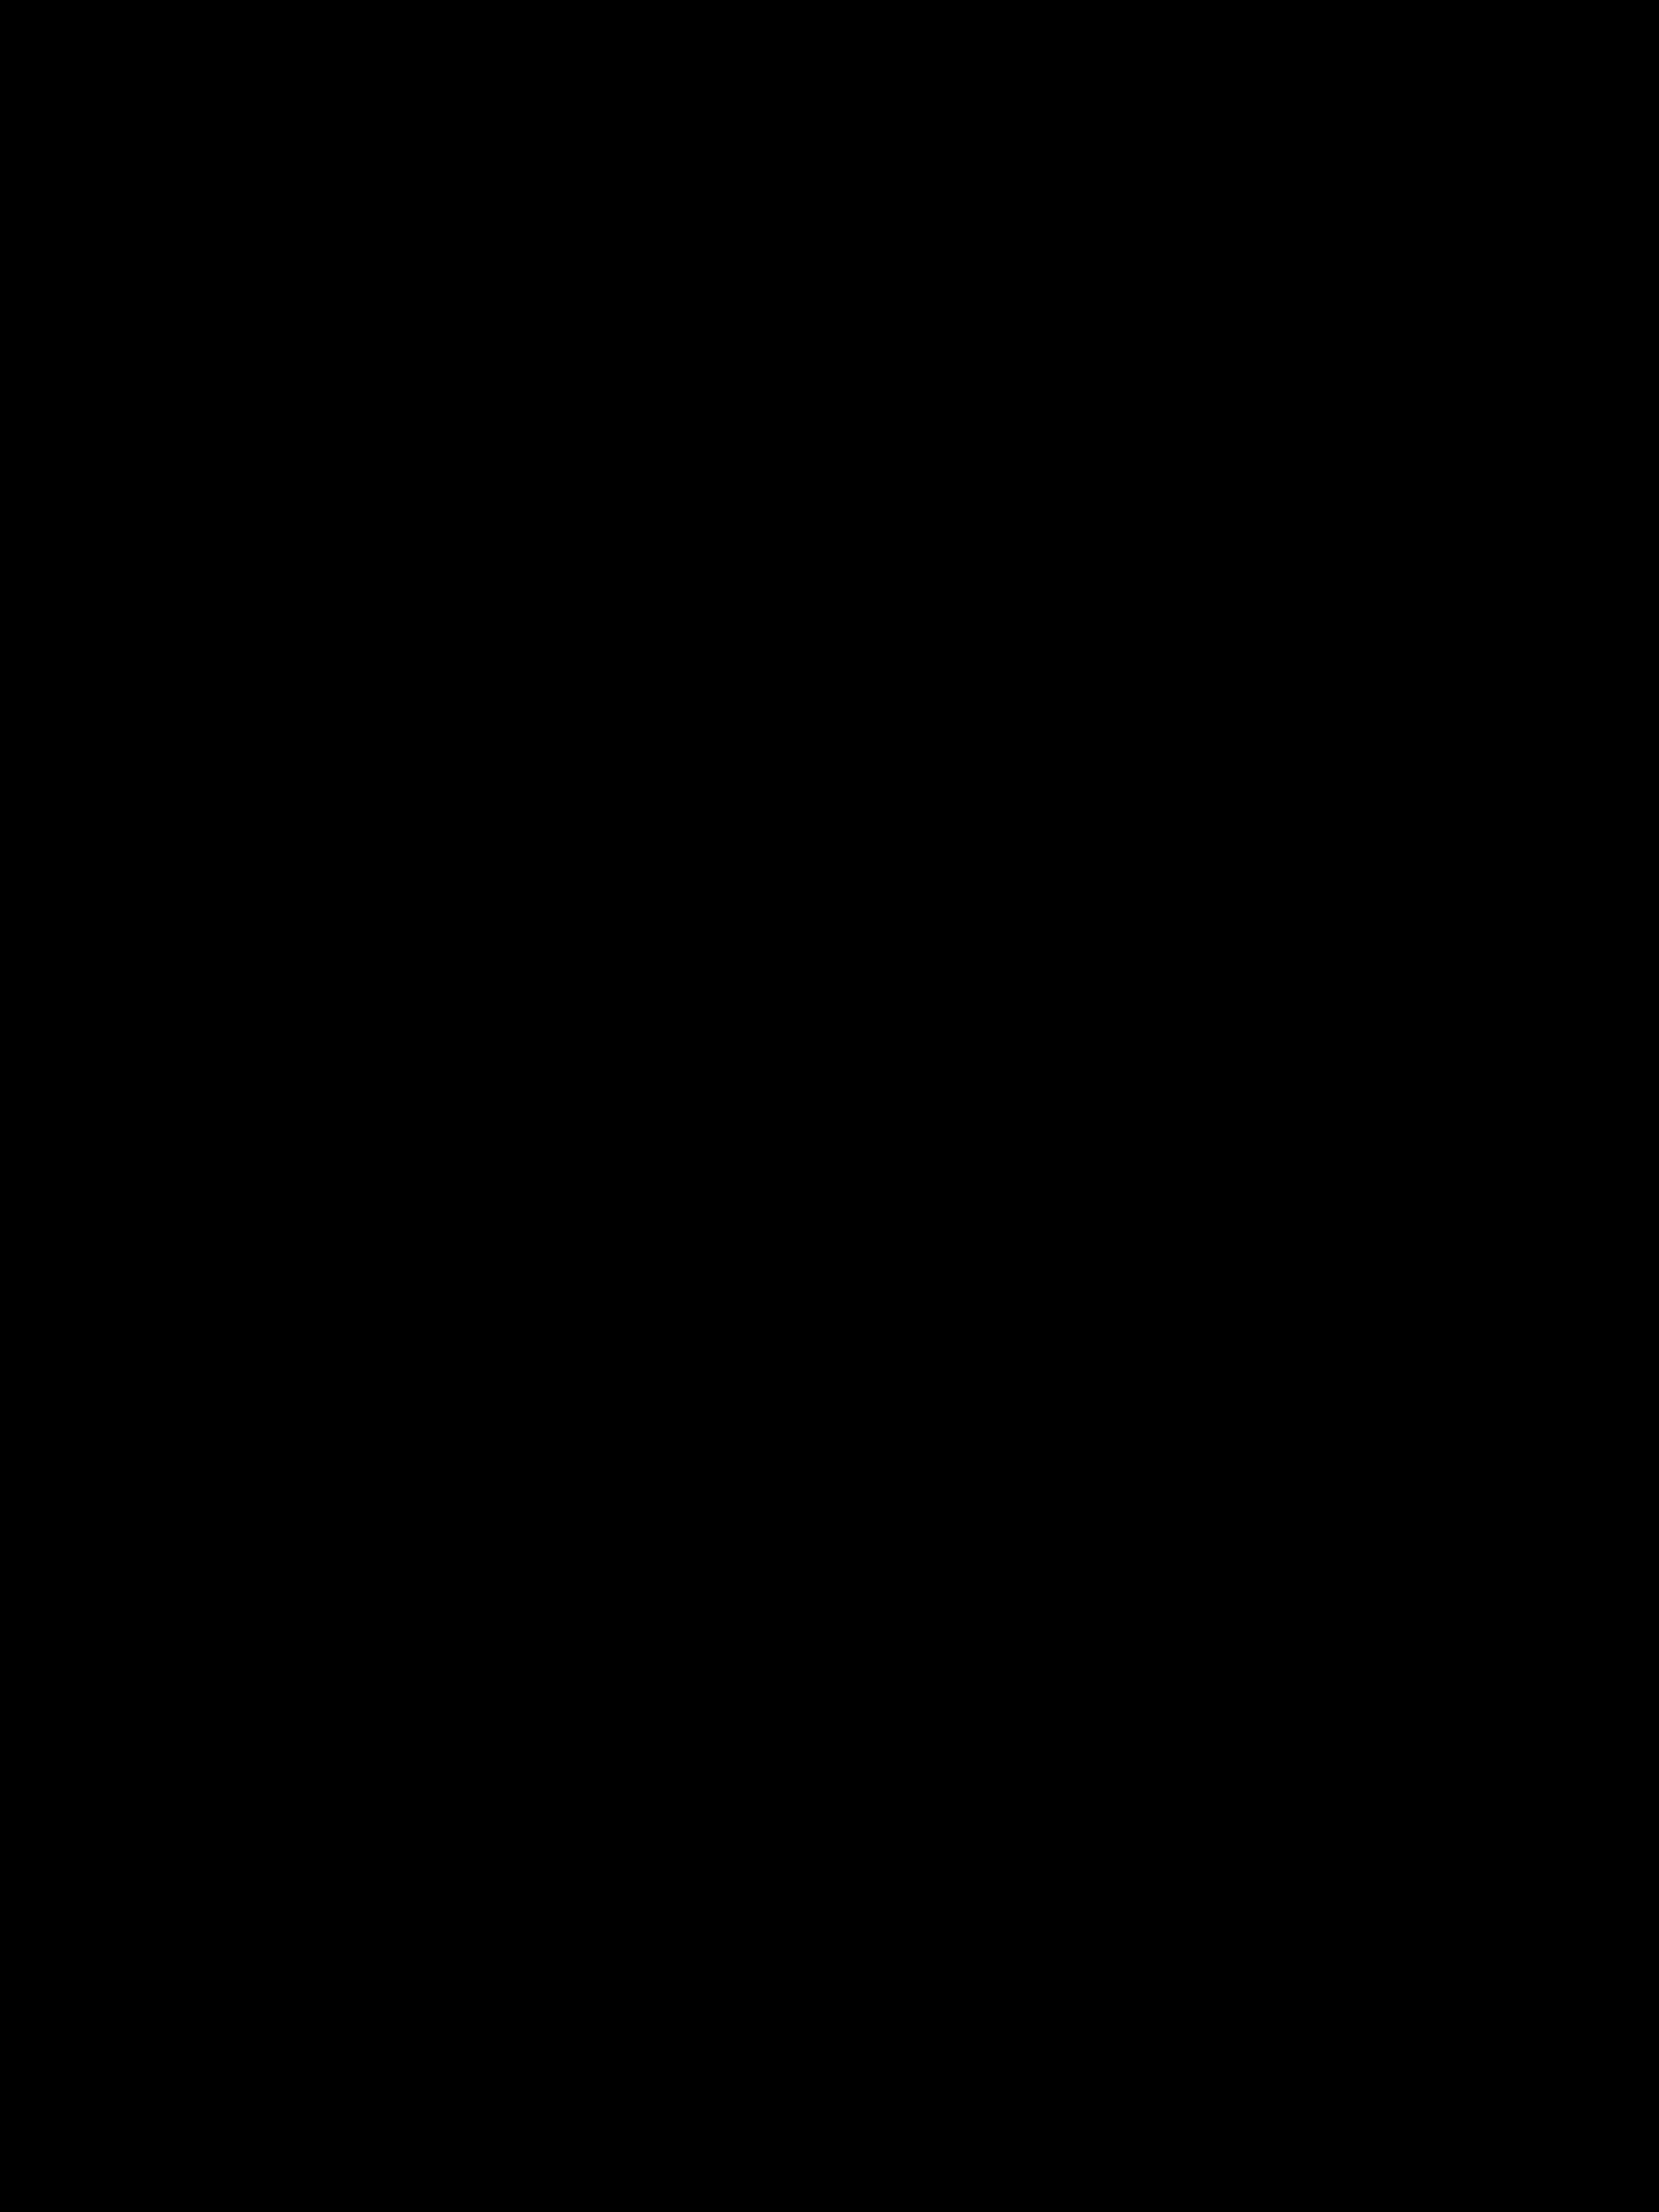 意大利亲子互动体验剧《稚子行 · 熊猫的家》  (主办)